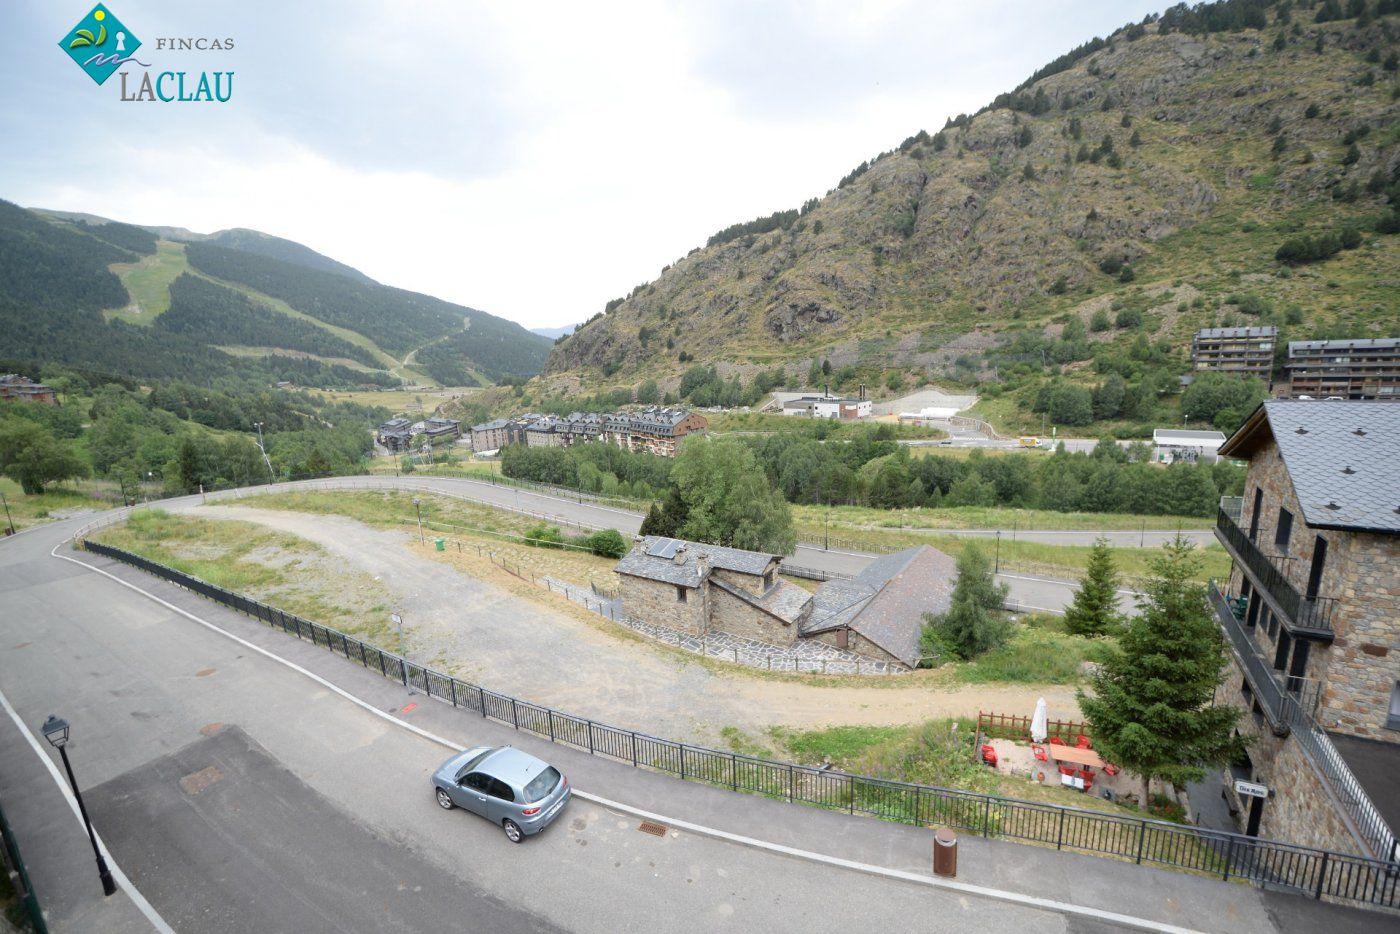 terreno-urbanizable en canillo · canillo 600000€